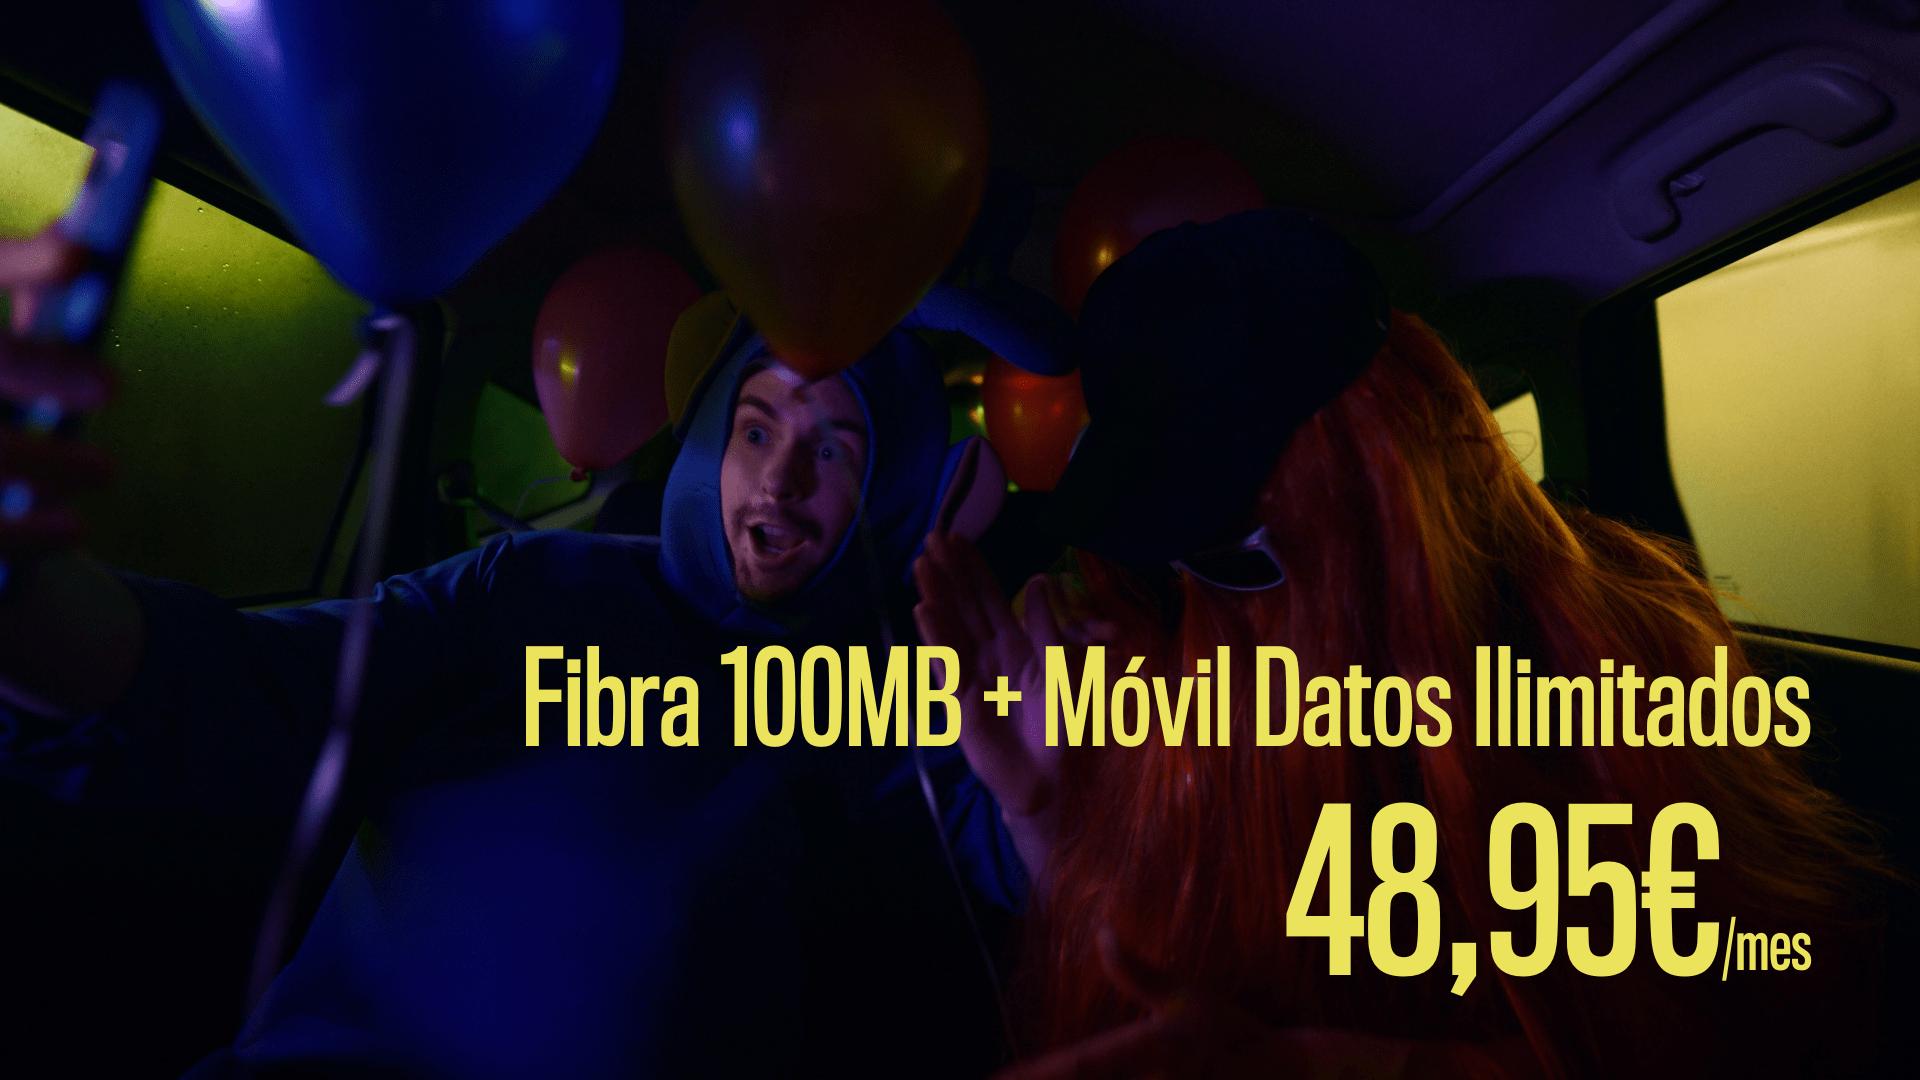 Fibra 100MB + Móvil Datos Ilimitados-min